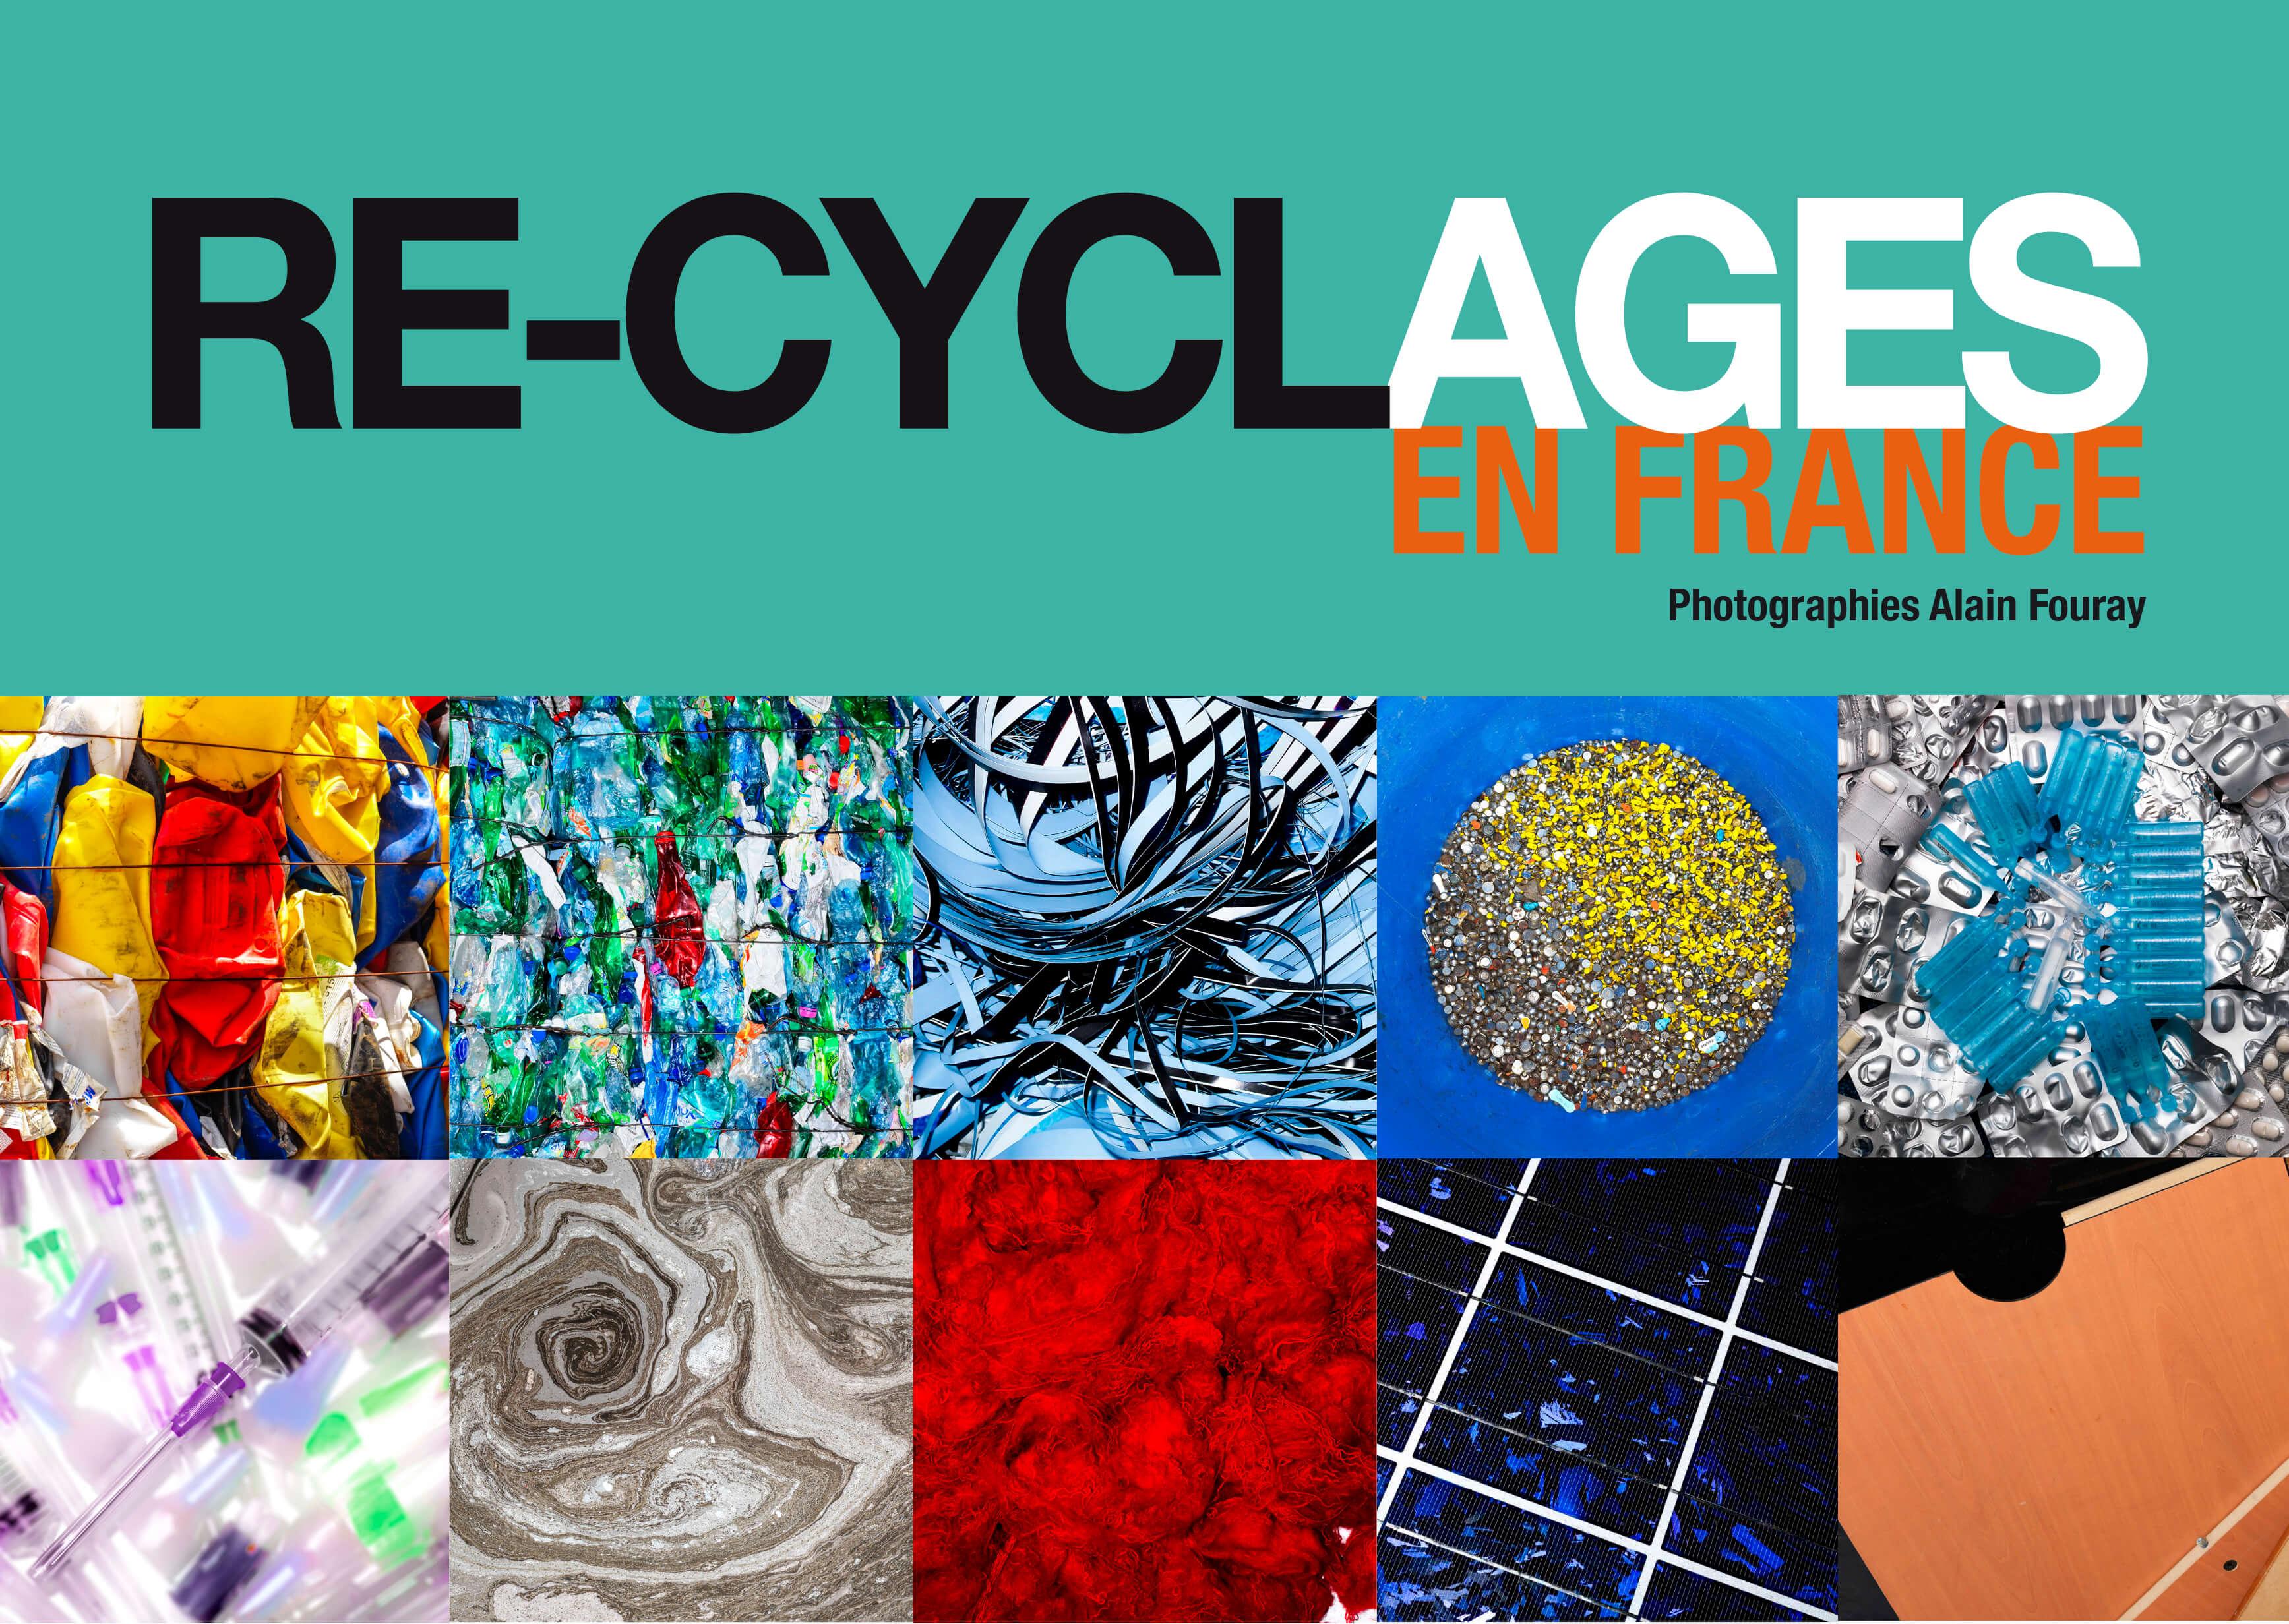 L'EXPOSITION RE-CYCLAGES EST DE RETOUR À PARIS